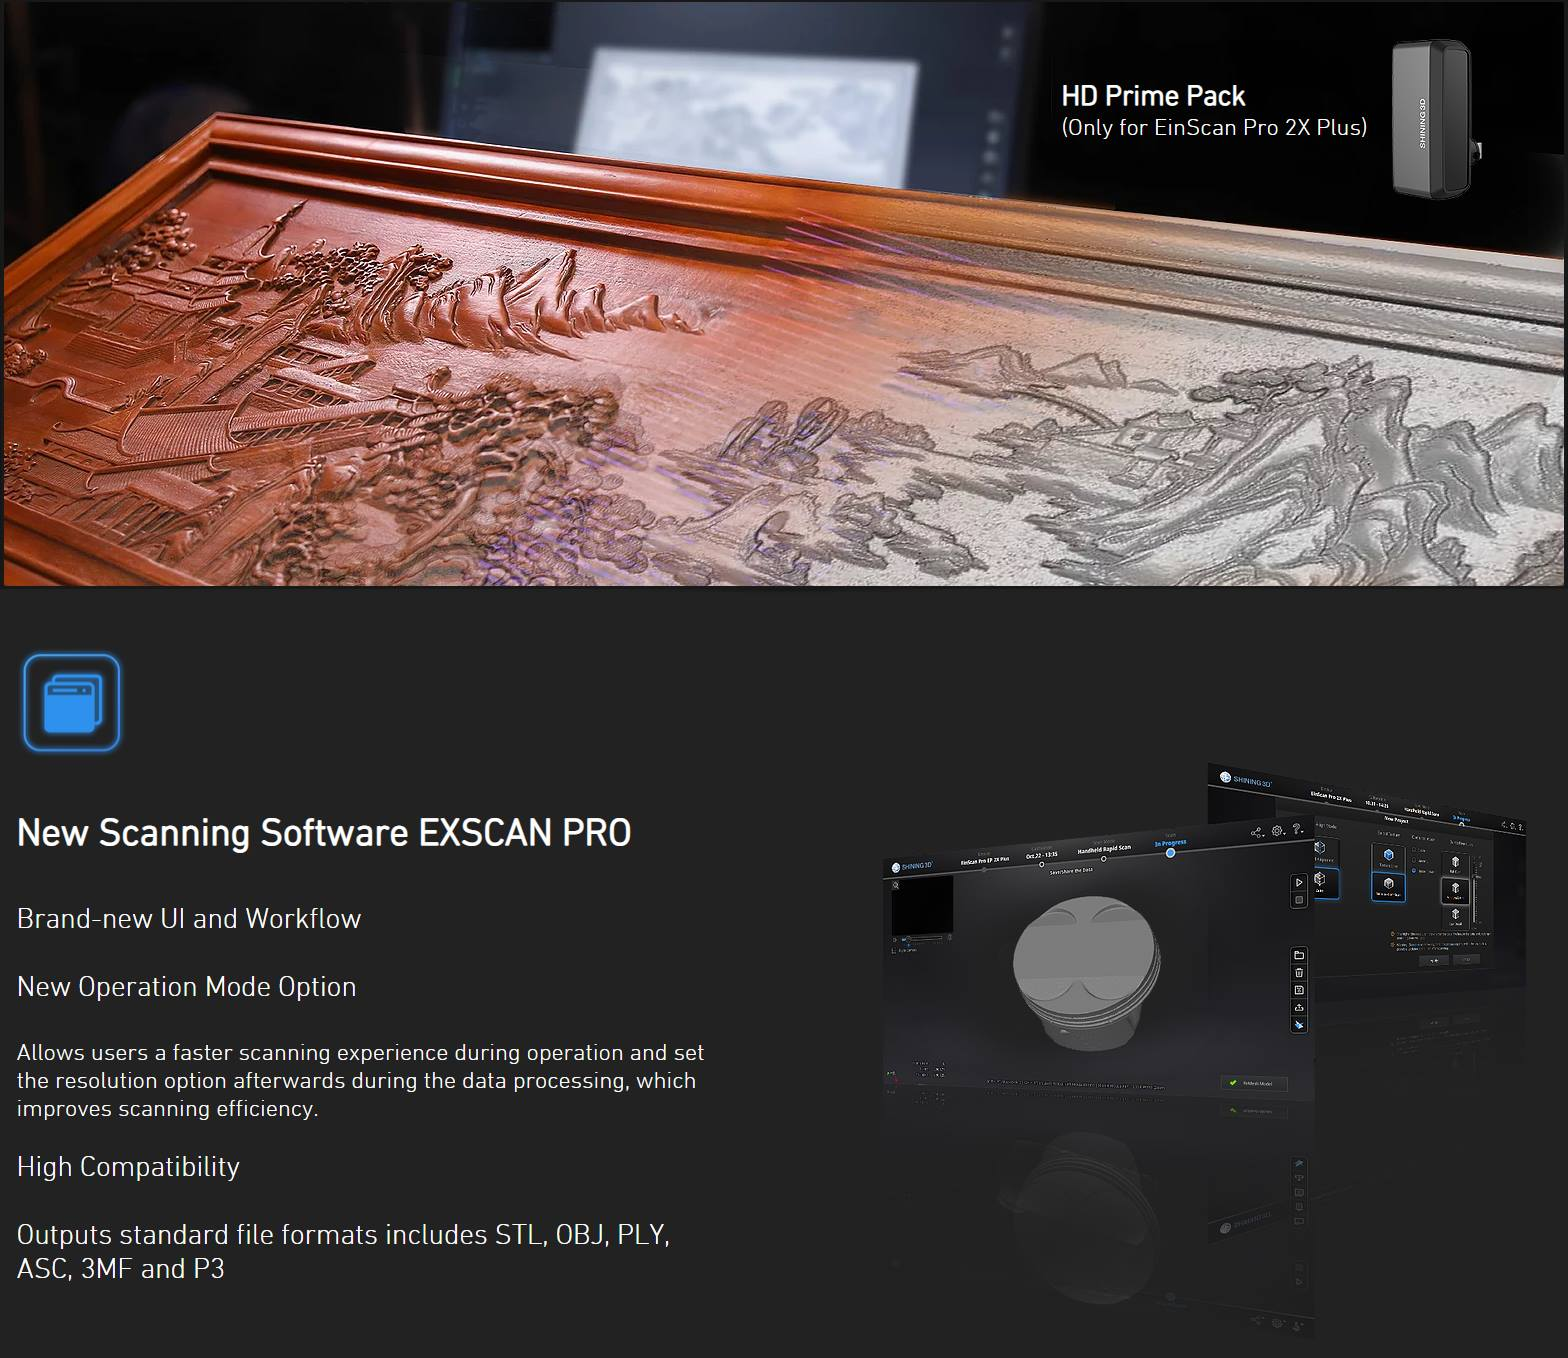 Máy quét 3D EinScan Pro 2X Plus - Tư vấn / BÁO GIÁ / Đào tạo tại Tp Hồ Chí Minh và Hà Nội / các tỉnh lân cận trong lãnh thổ Việt Nam / Máy scan 3d giá rẻ.